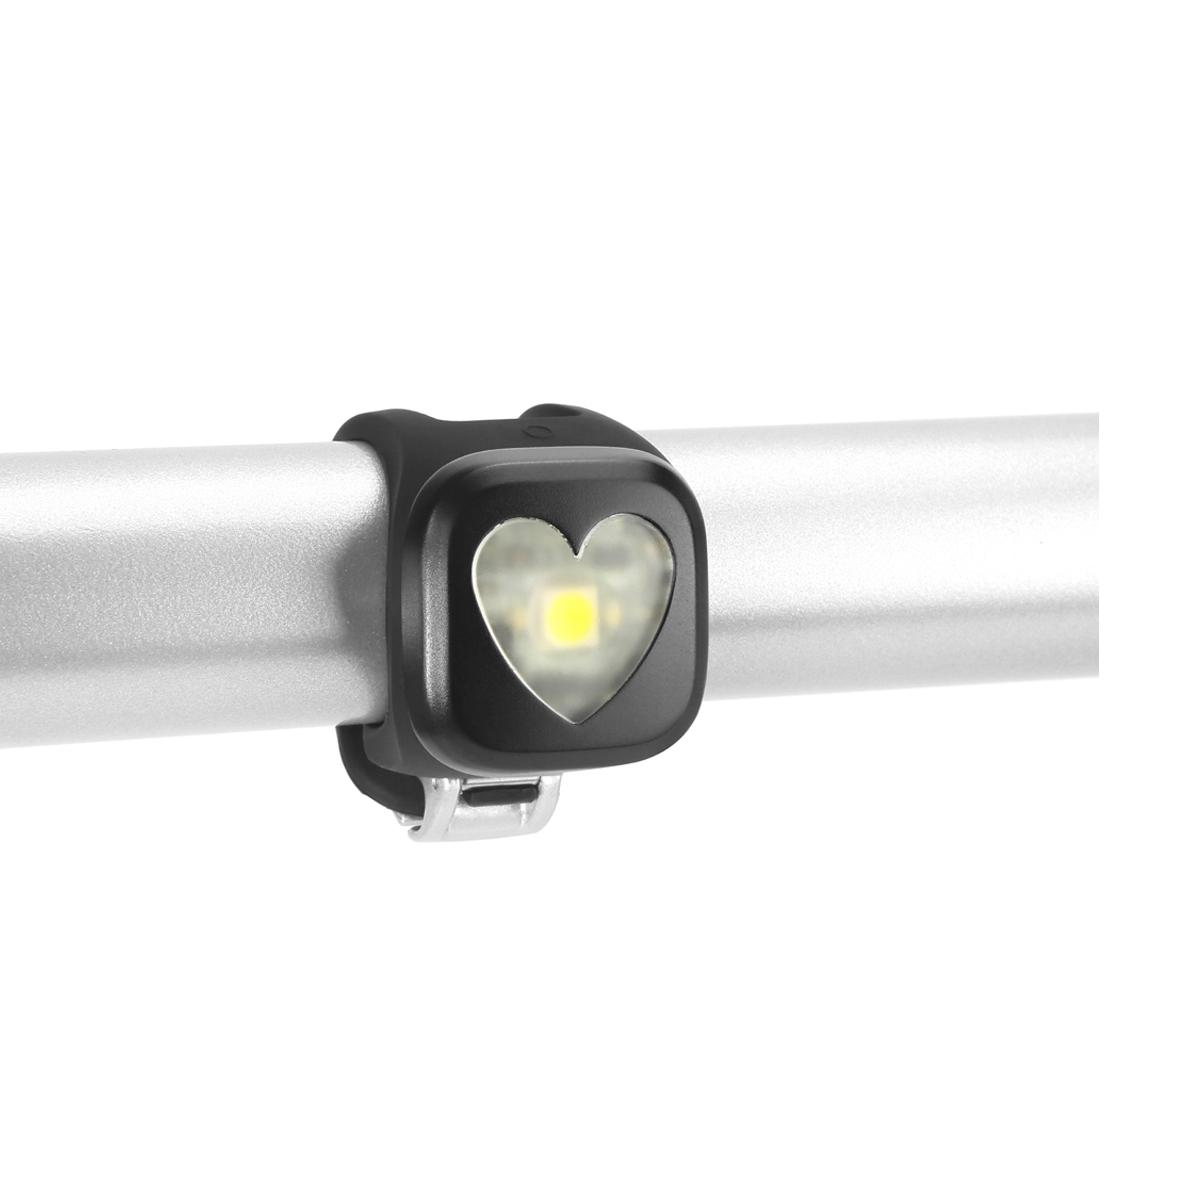 Éclairage arrière Knog Blinder Coeur 1 LED - Noir